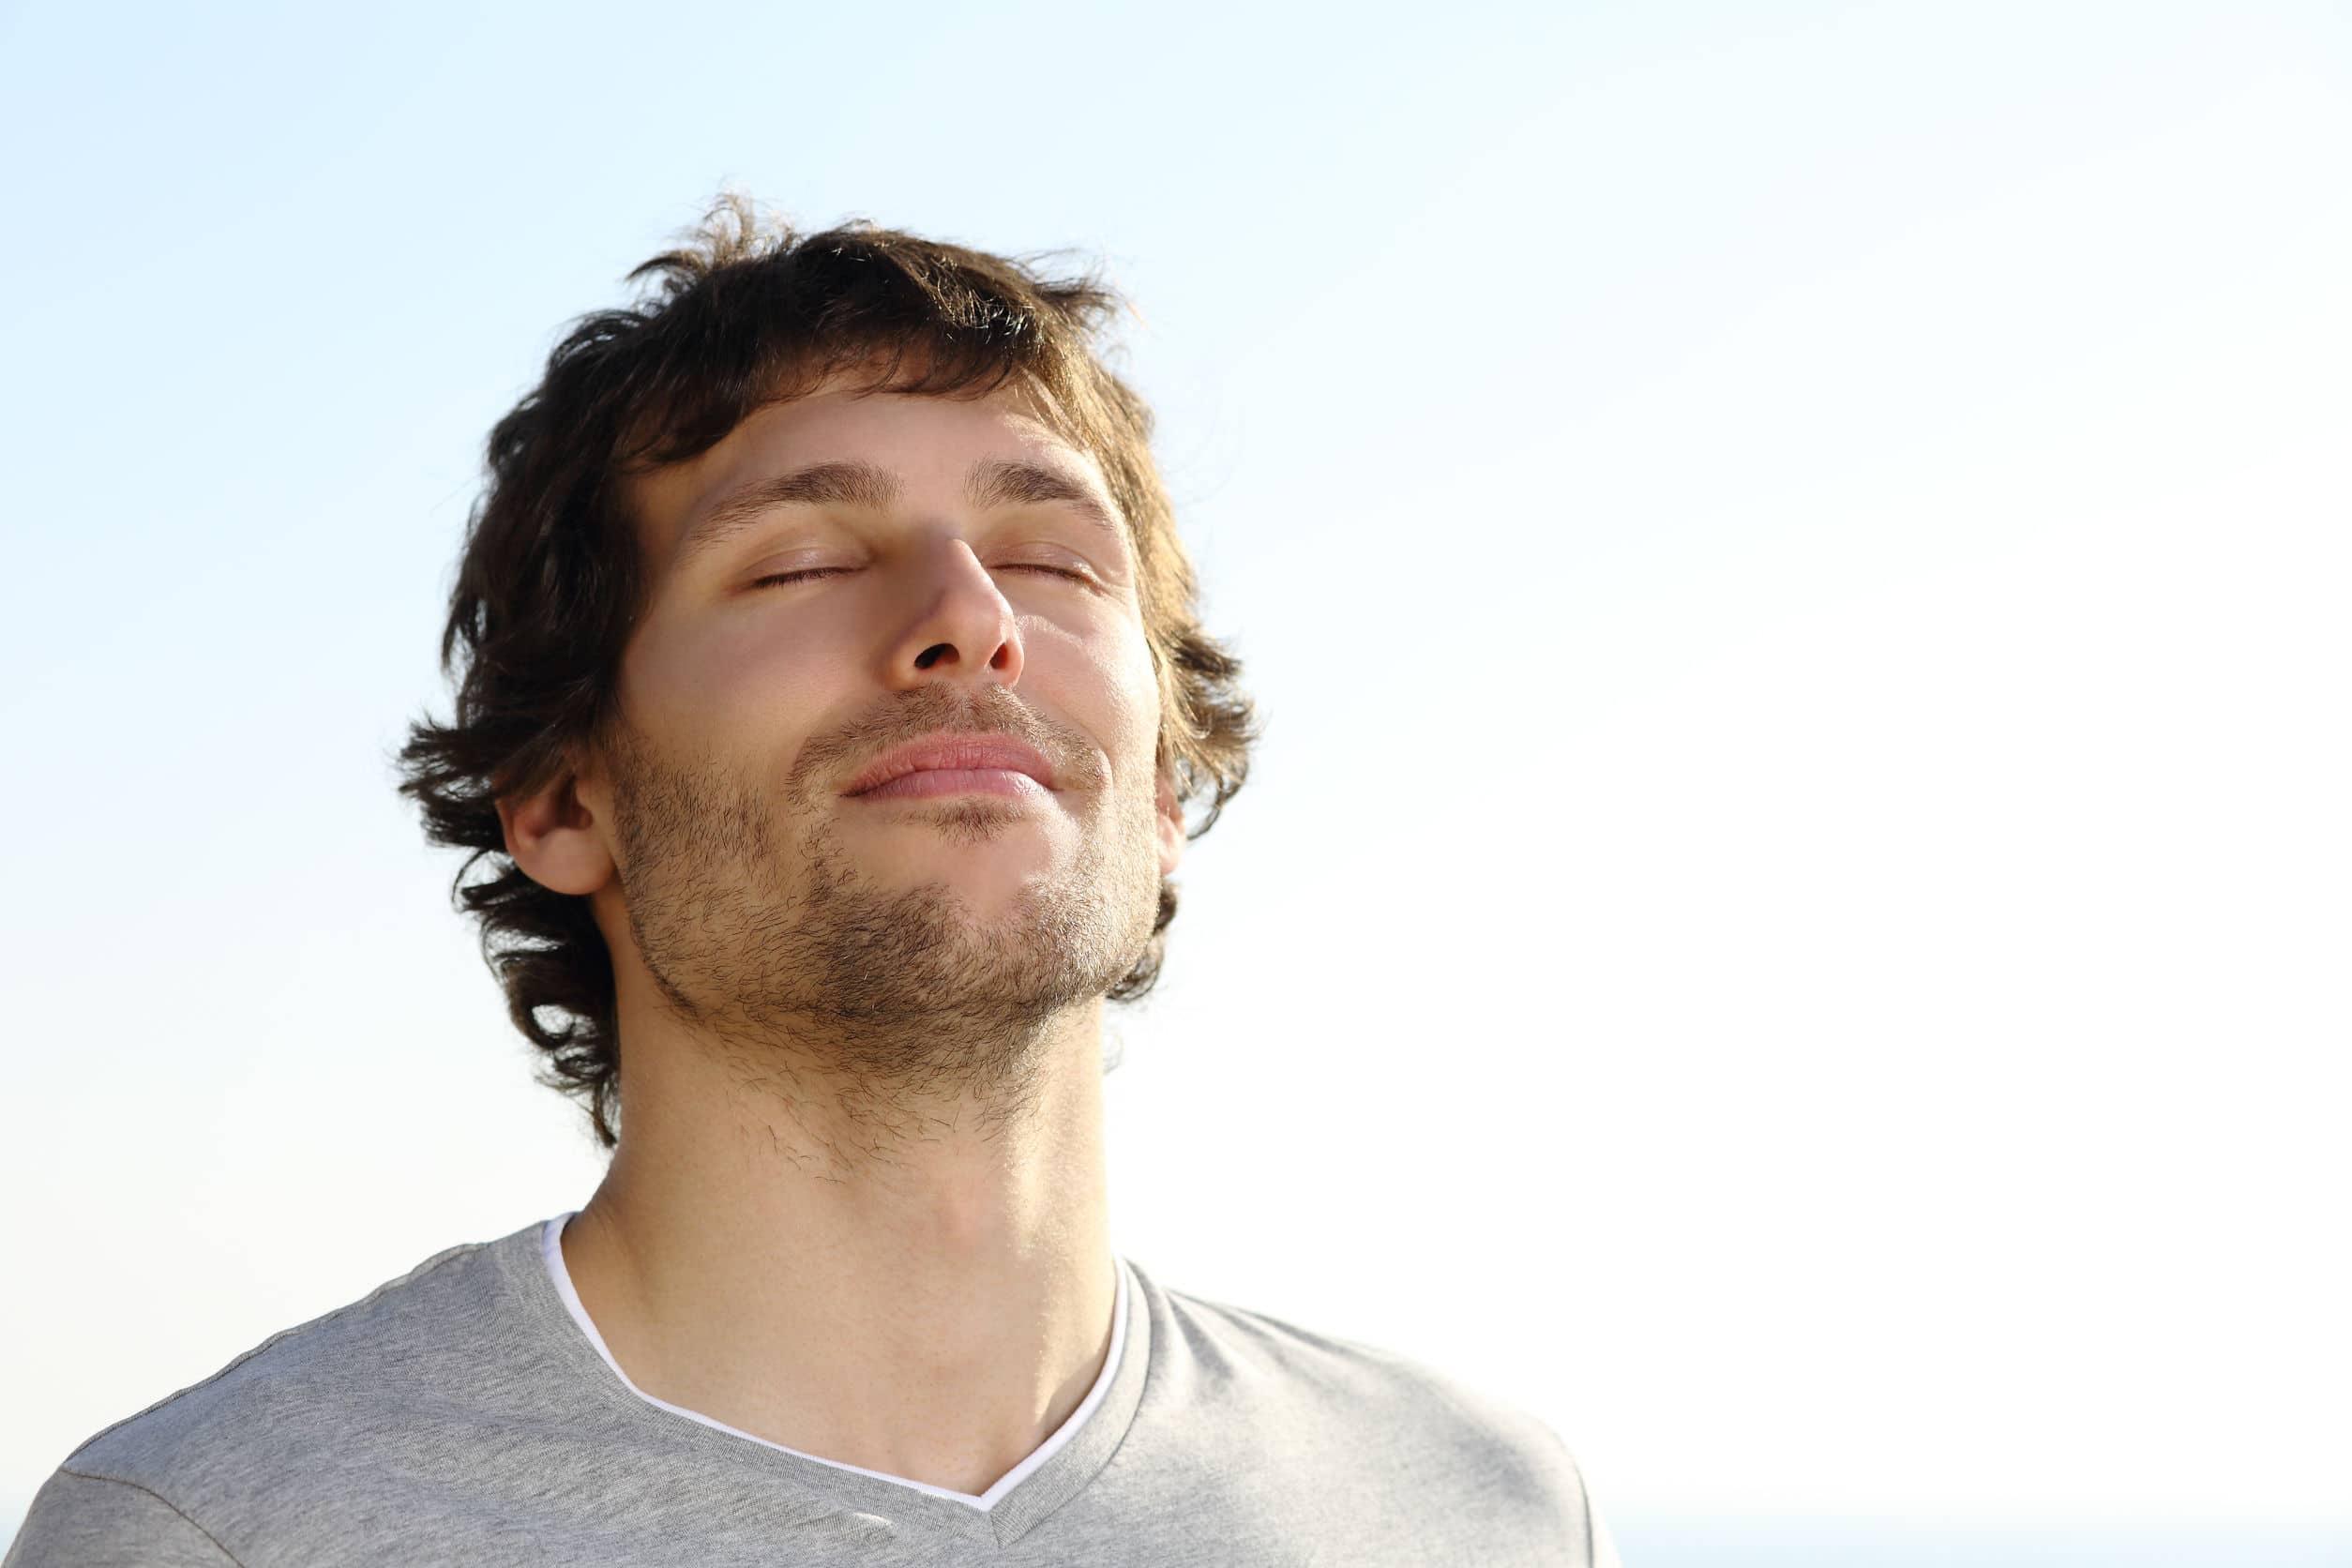 Homem jovem de olhos fechados respirando ao ar livre com o céu ao fundo